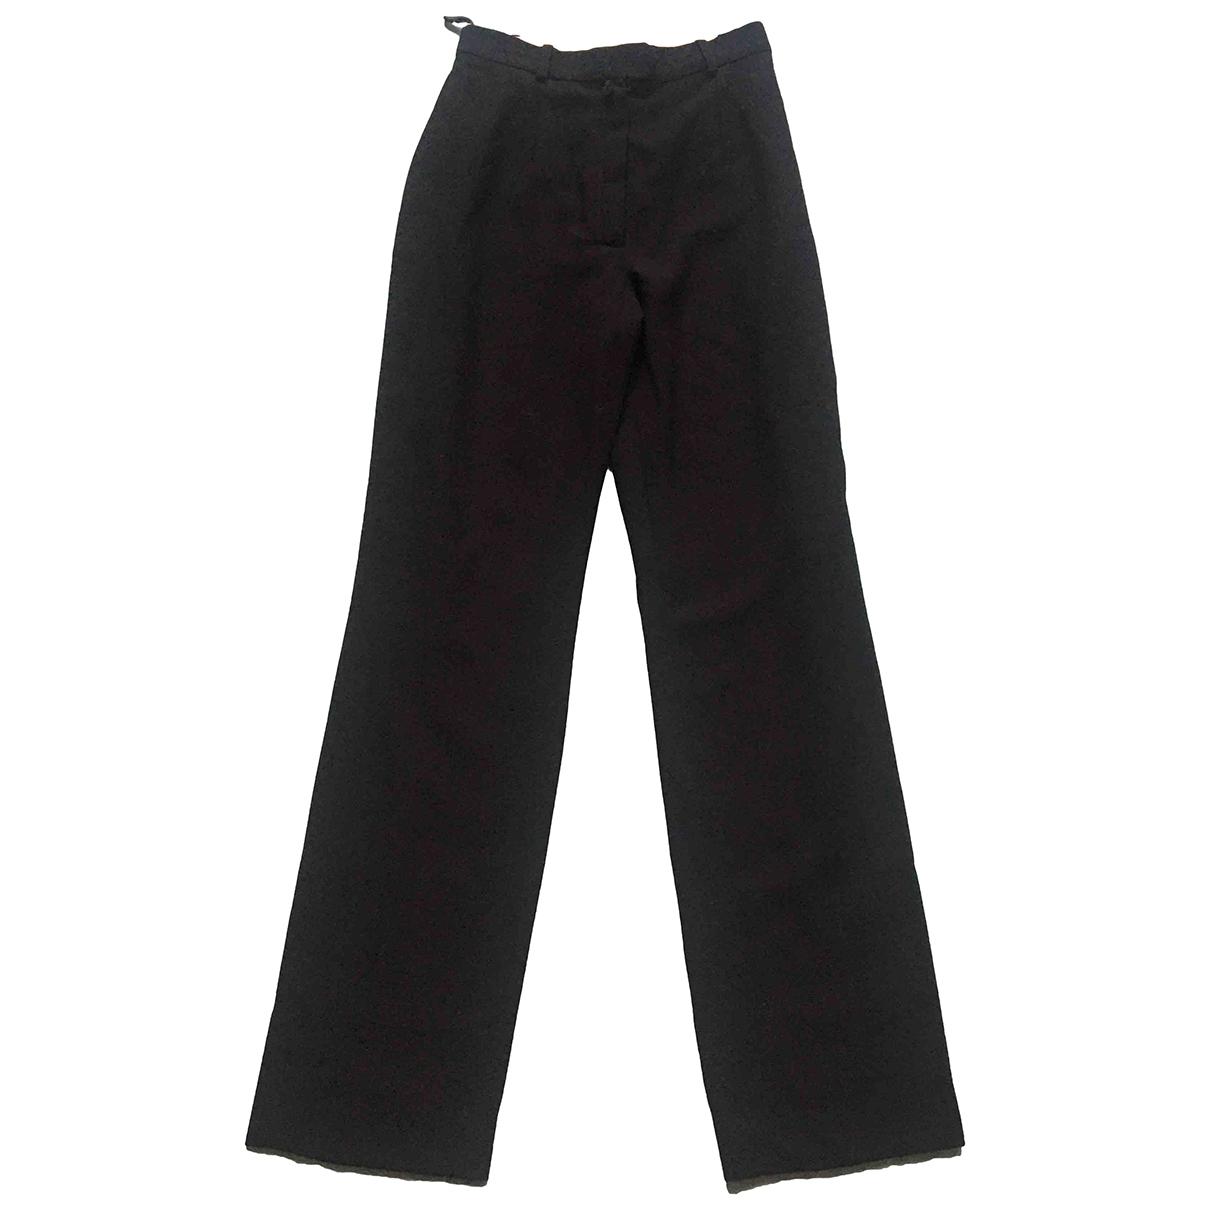 Dior \N Hose in  Schwarz Wolle